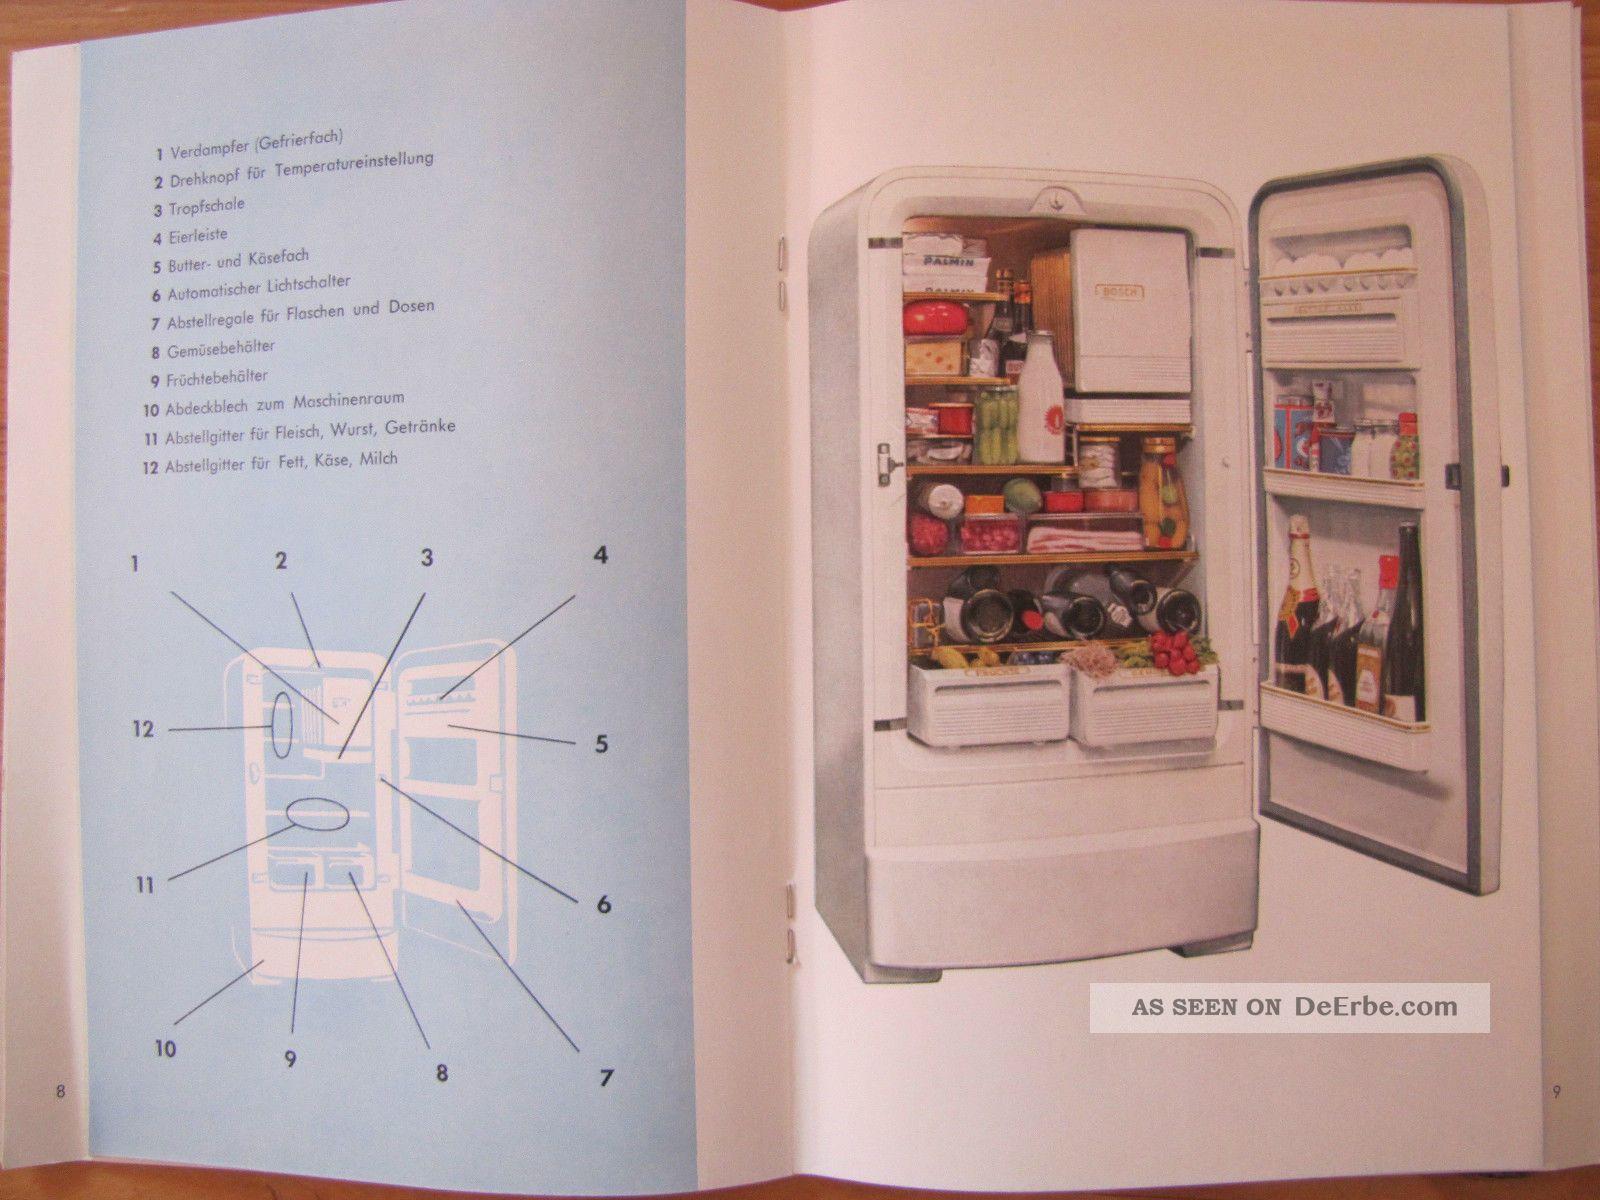 Bosch Kühlschrank Neue Modelle : Bosch kühlschrank alte modelle den kühlschrank organisieren